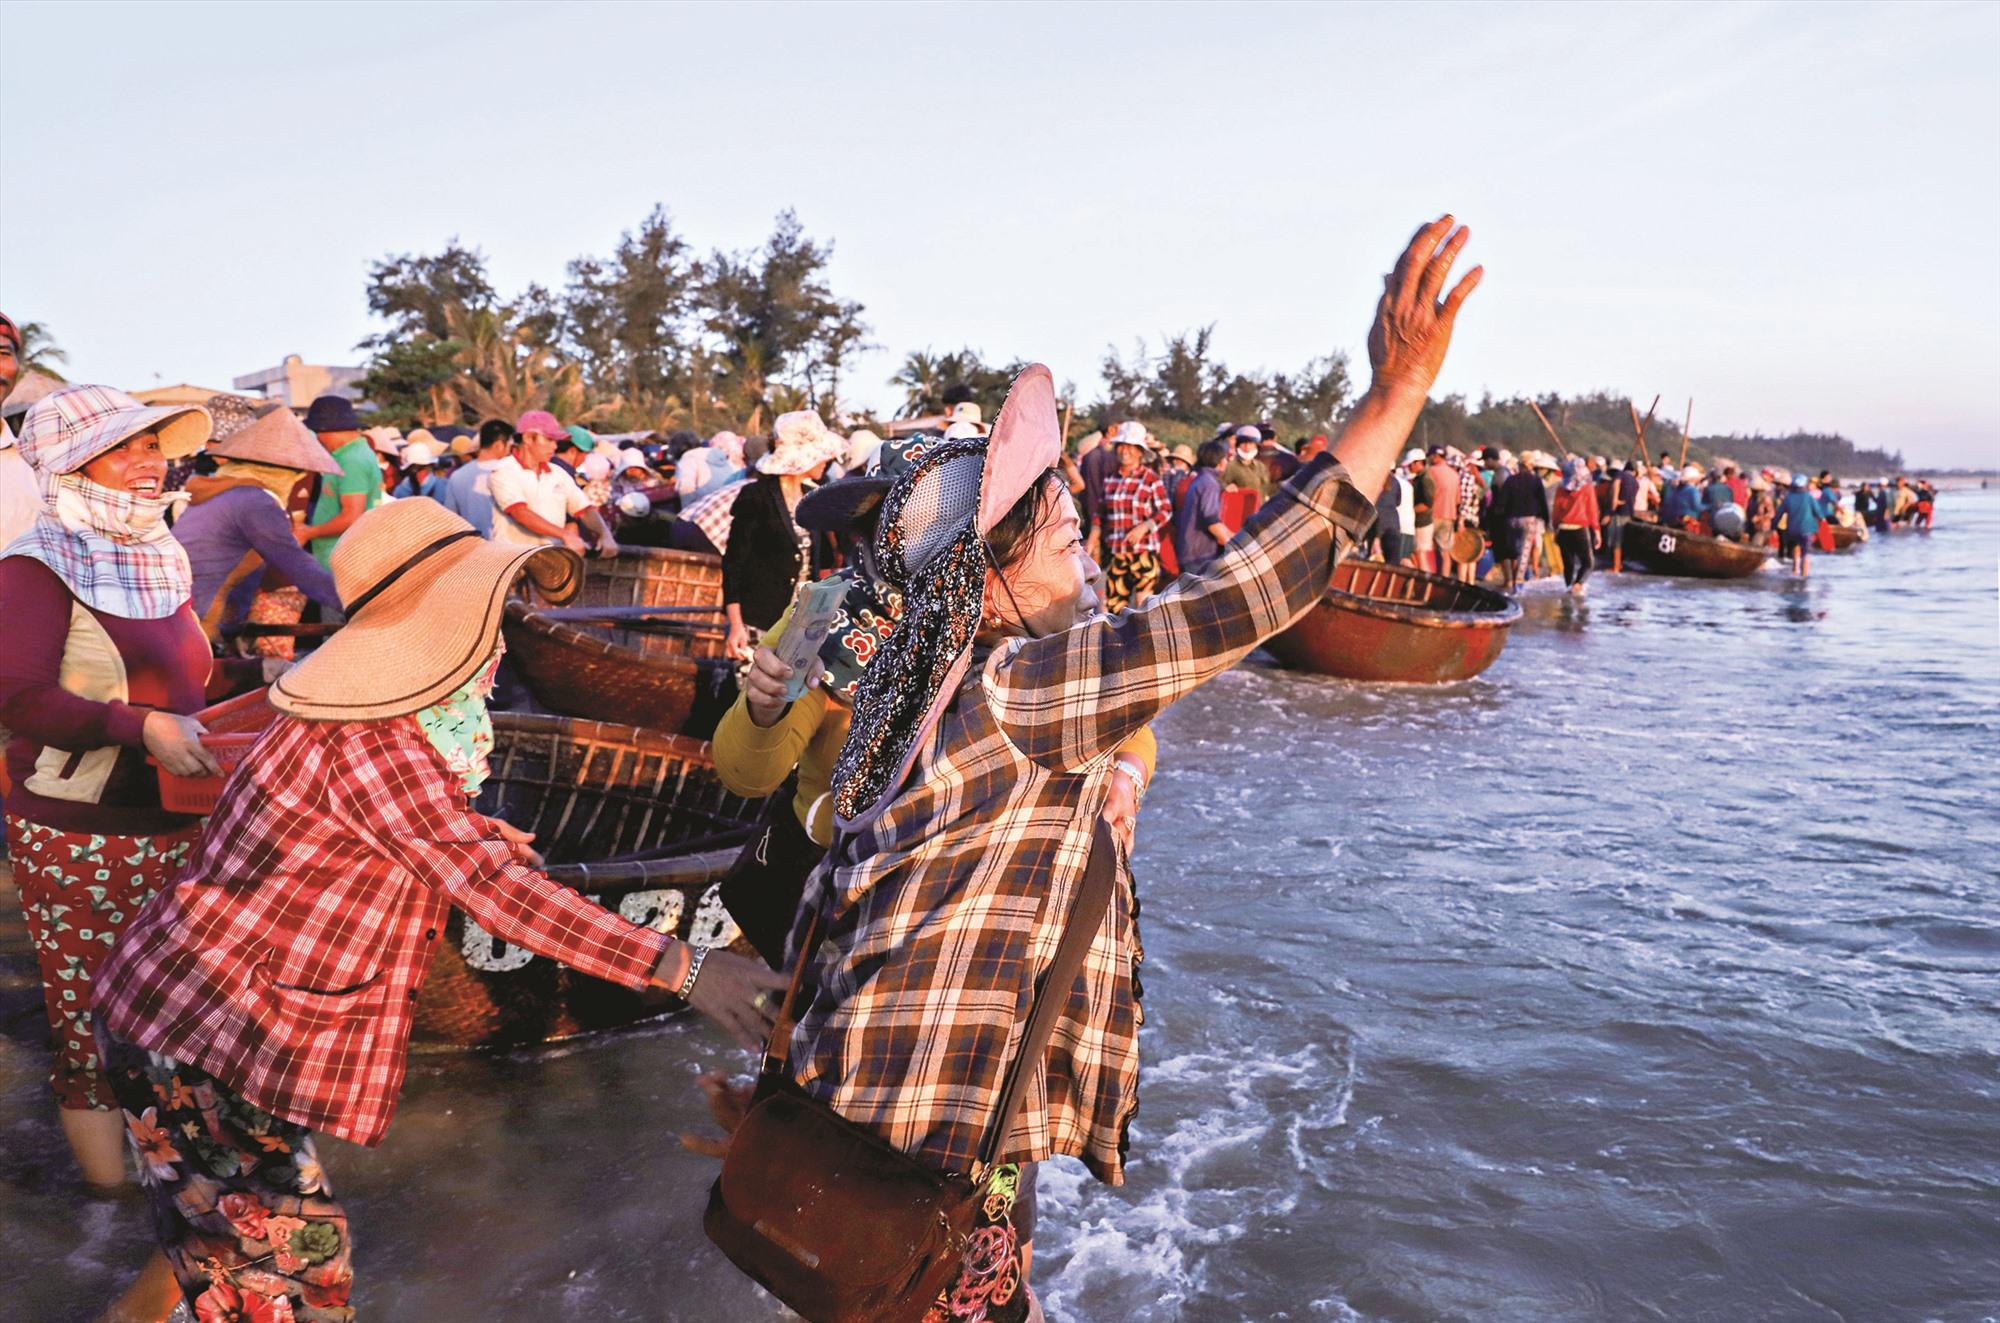 Họ lội ra mép sóng, vẫy tay từng chiếc thúng đang chở cá, mực vào bờ.